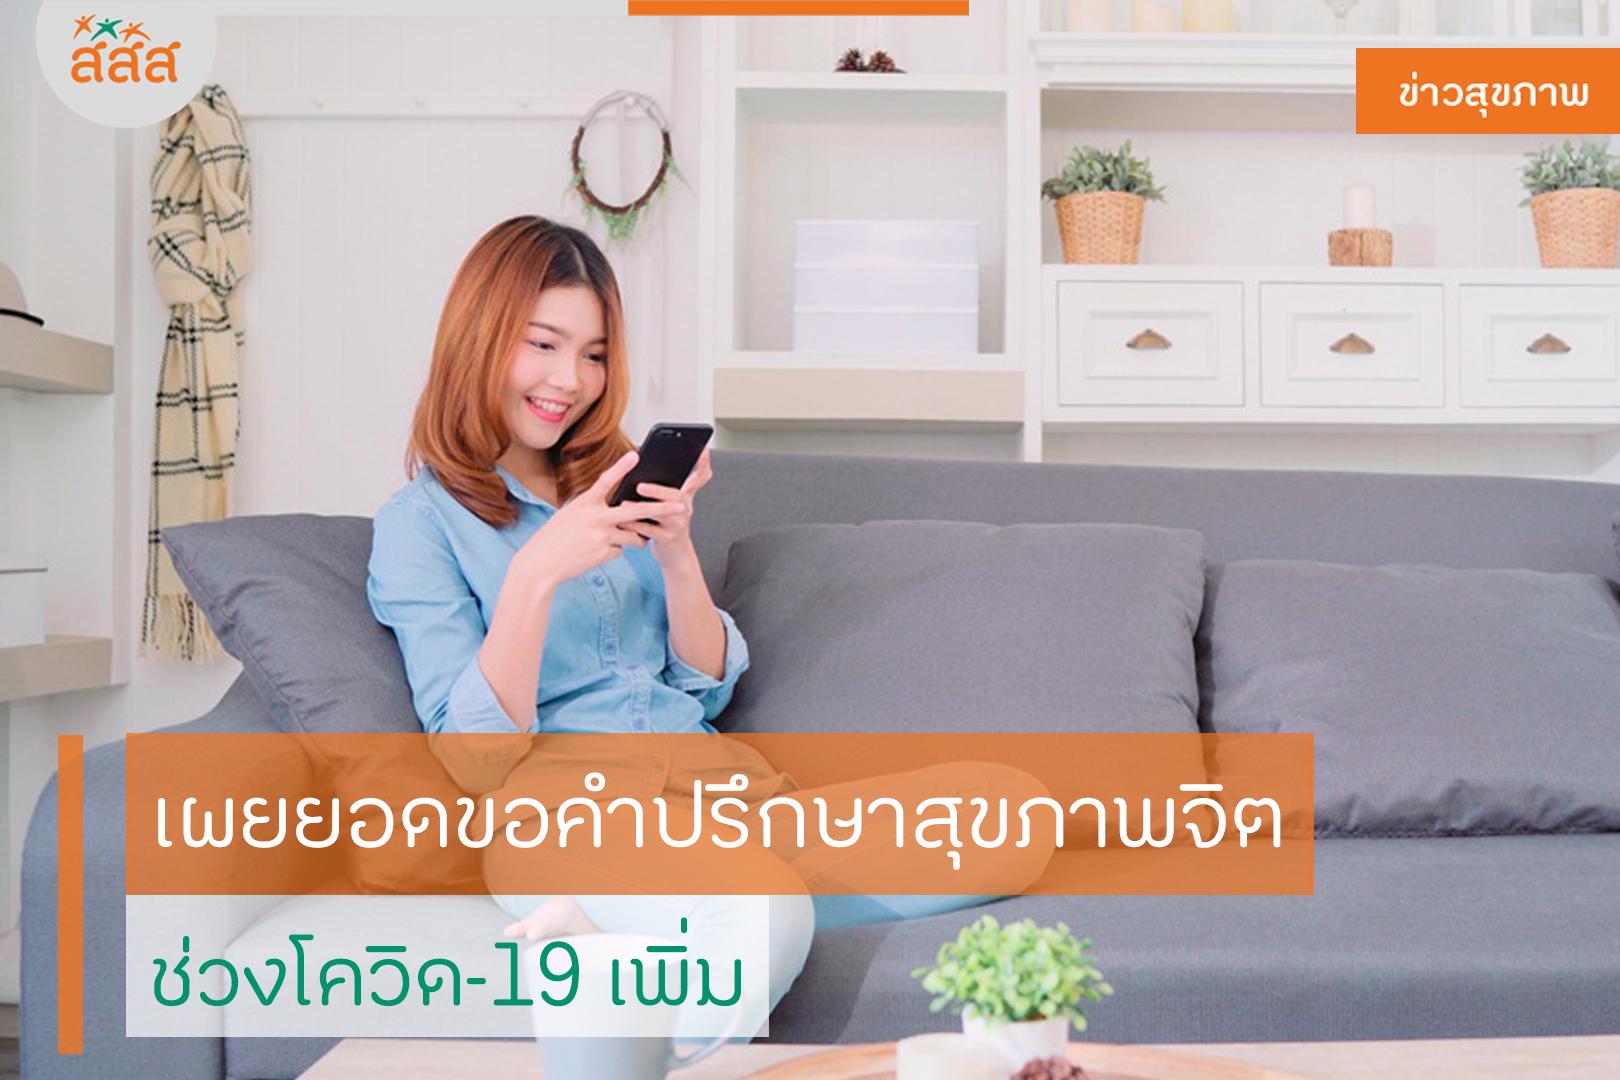 เผยยอดขอคำปรึกษาสุขภาพจิต ช่วงโควิด-19 เพิ่ม thaihealth